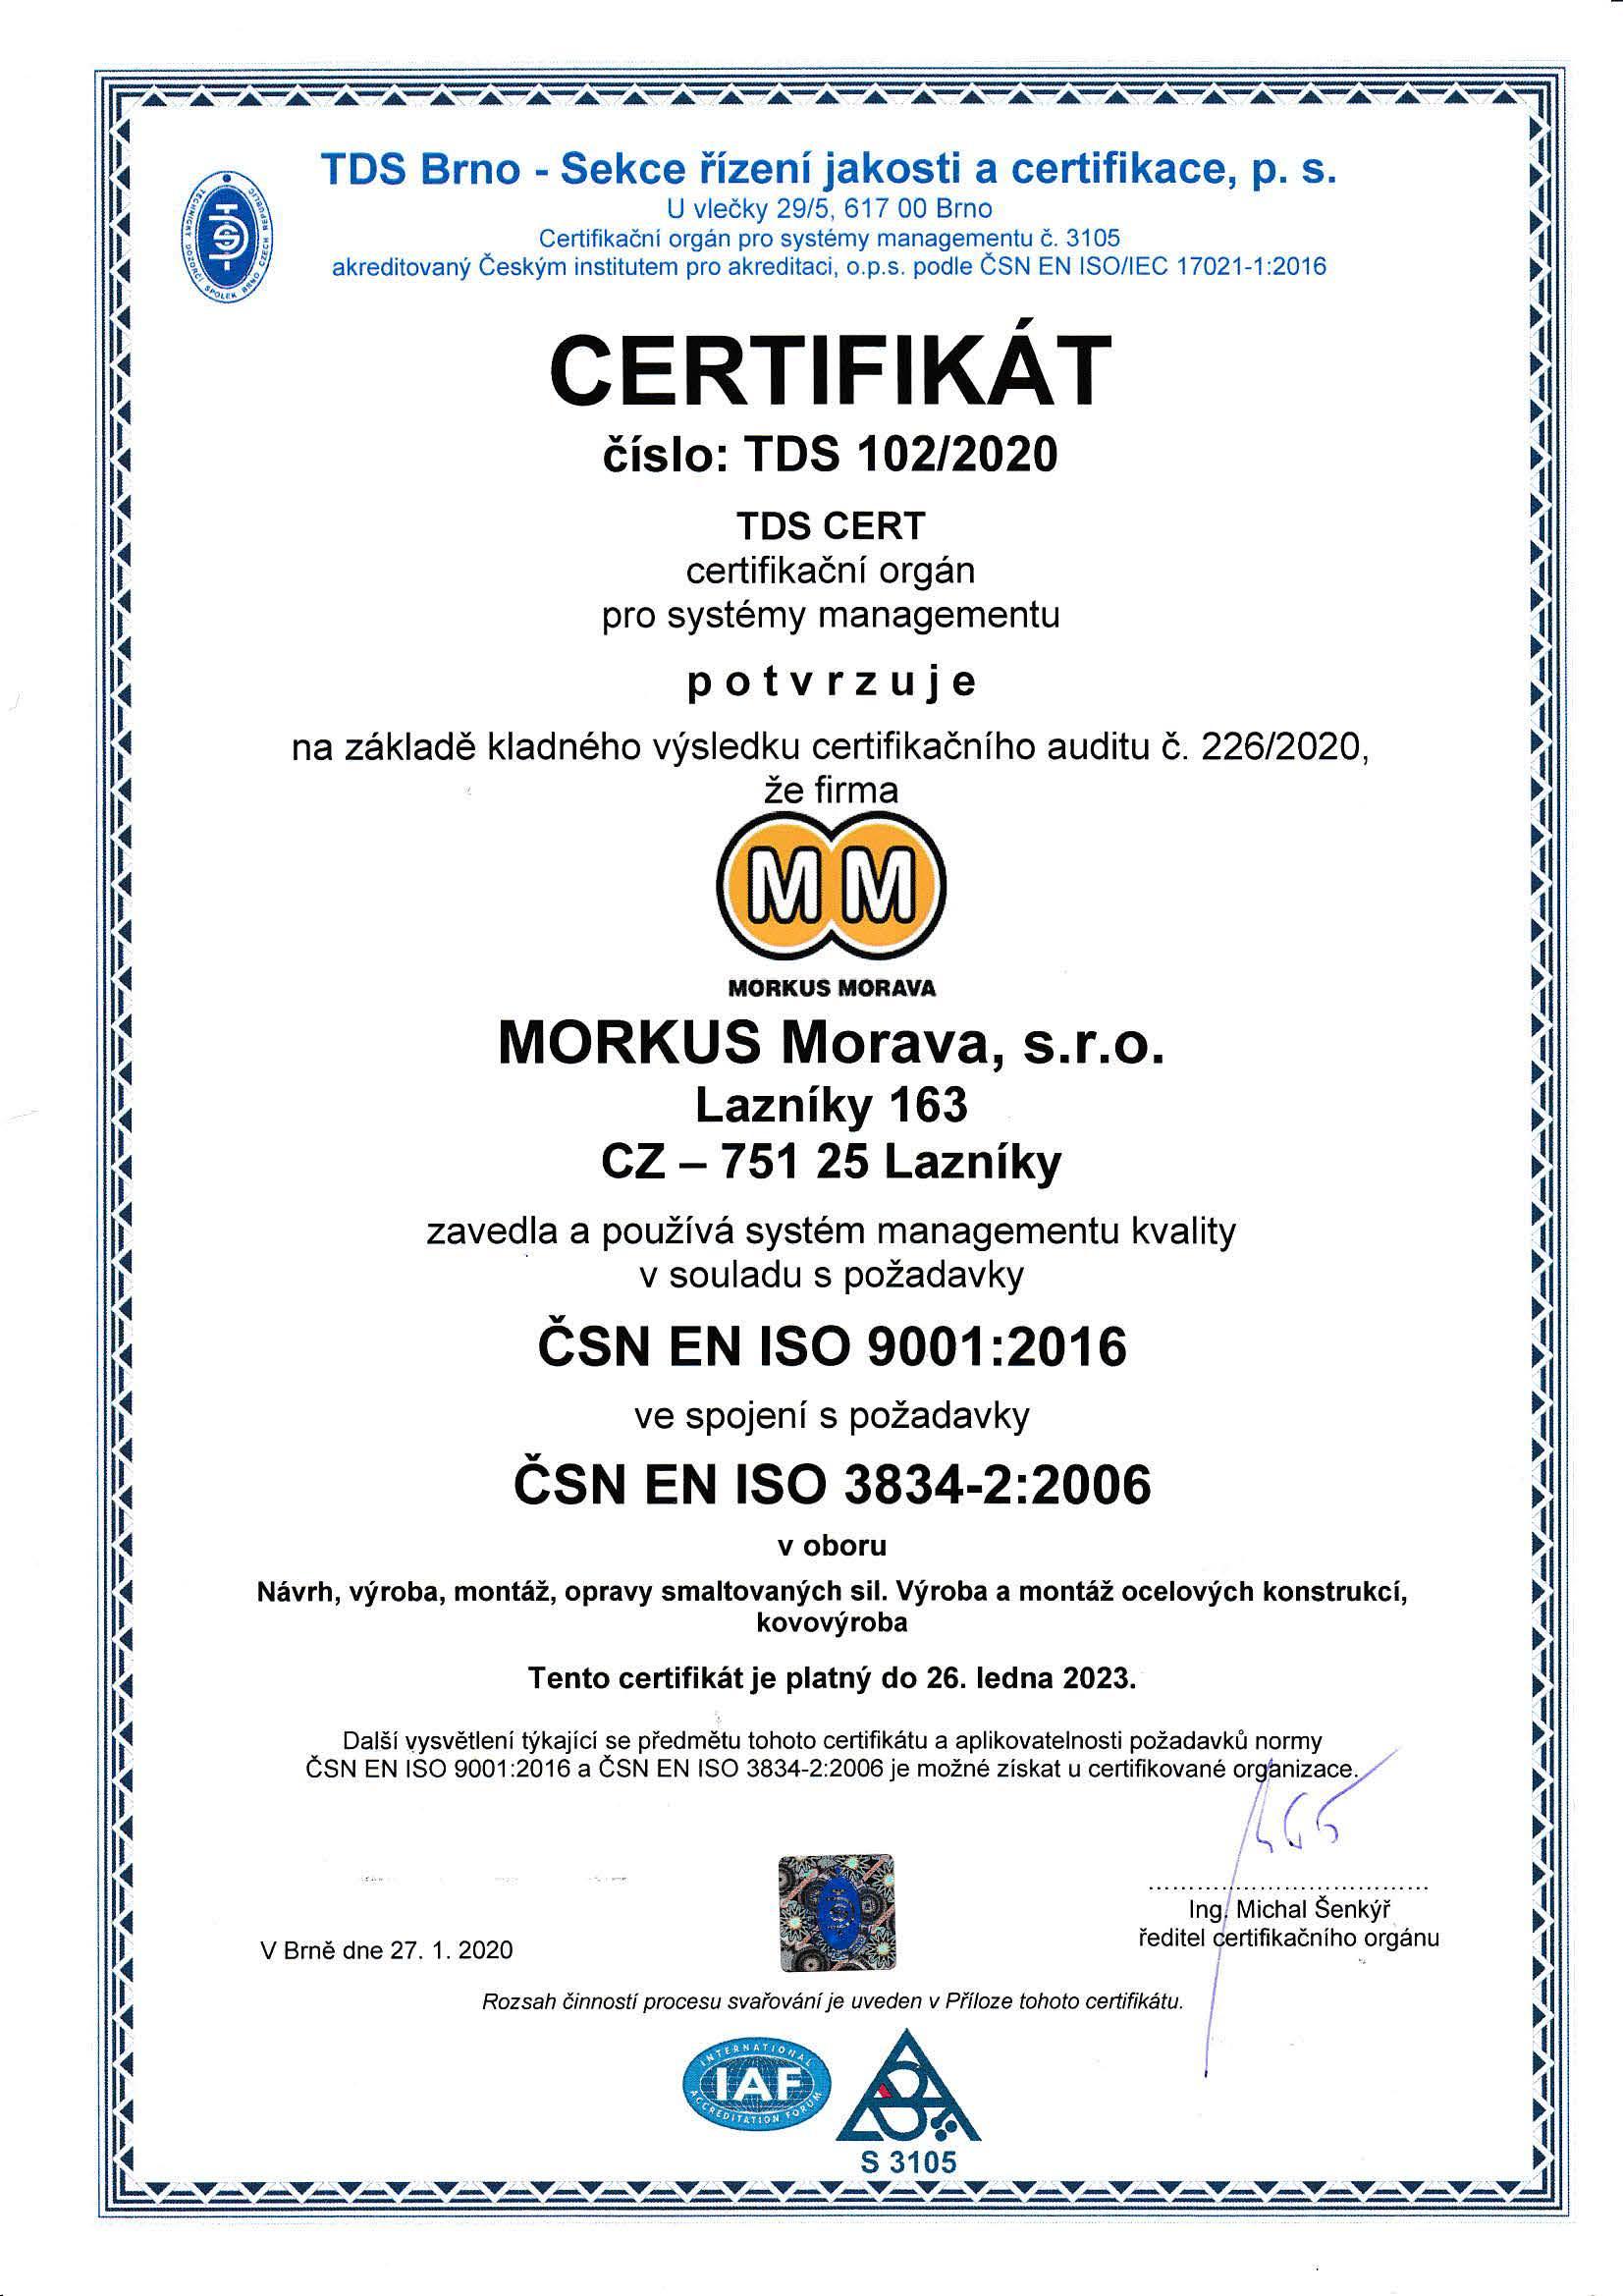 Certifikát CZ 01